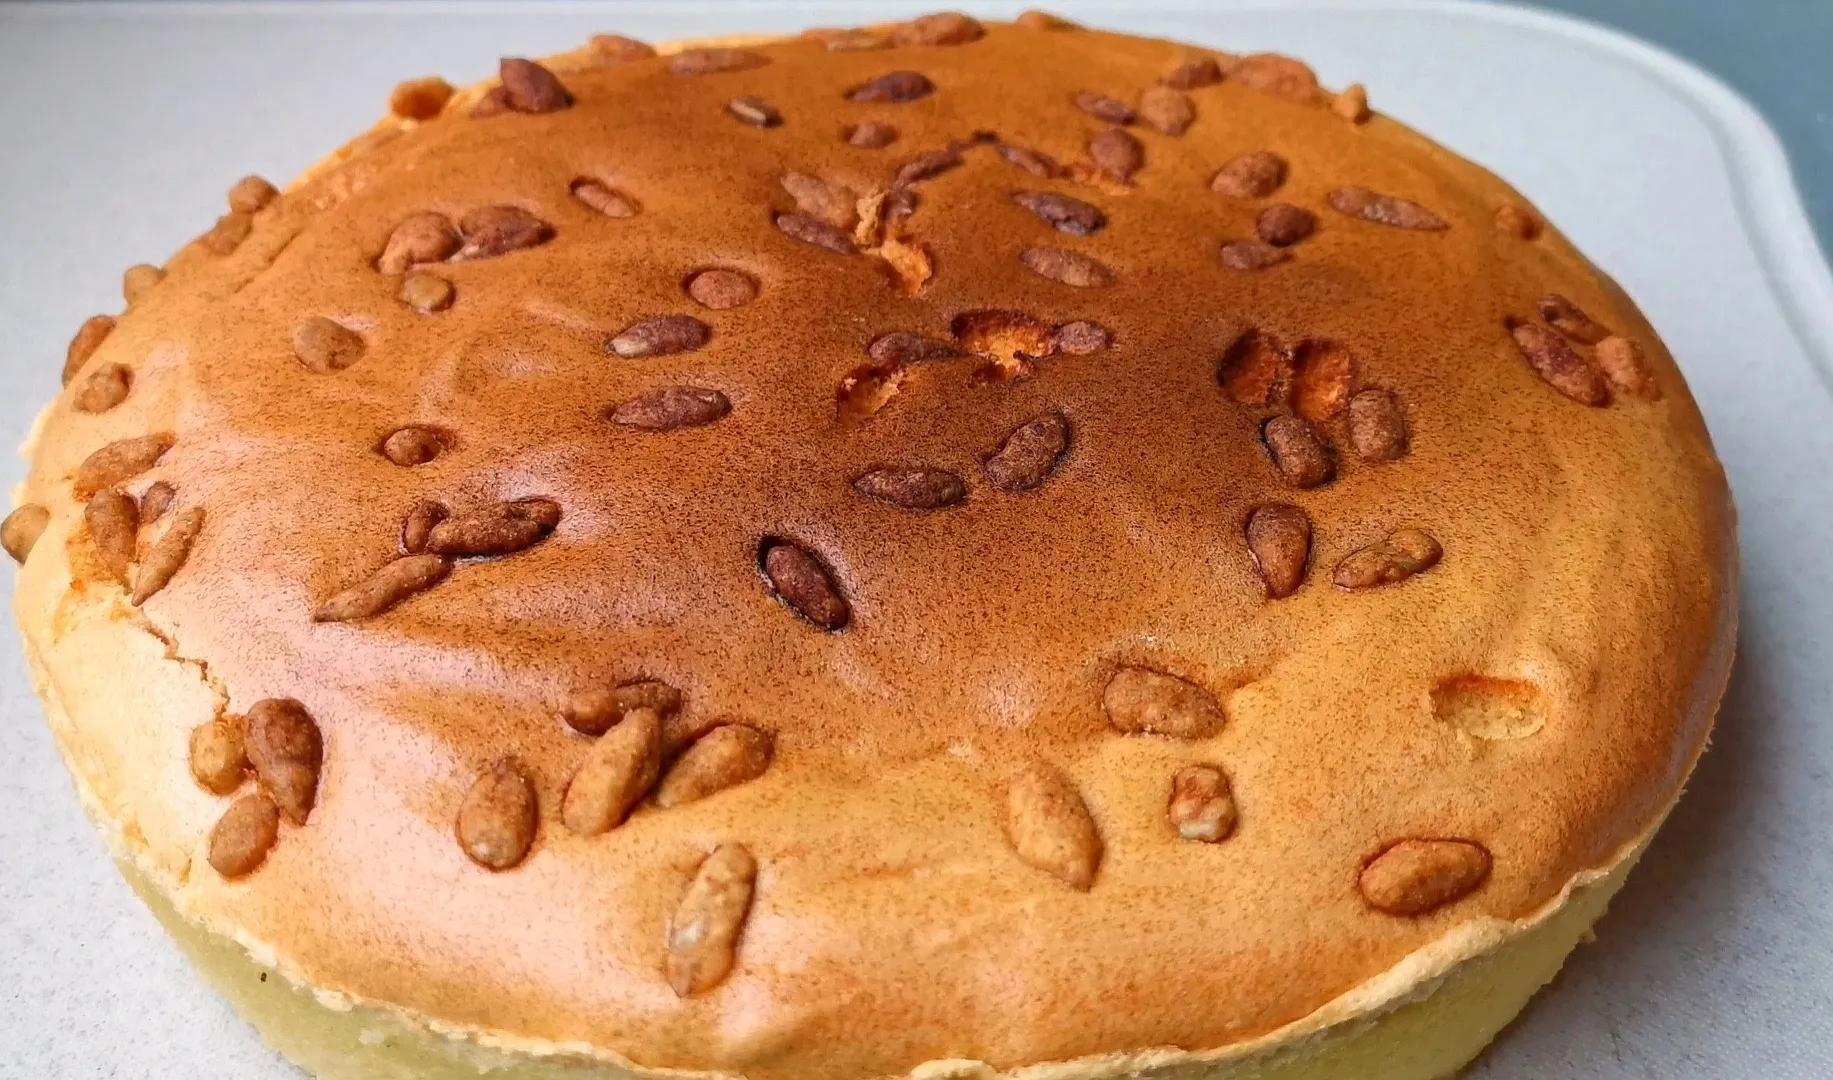 原来糯米粉也能做蛋糕,像棉花一样柔软,比戚风蛋糕好吃多了 美食做法 第1张